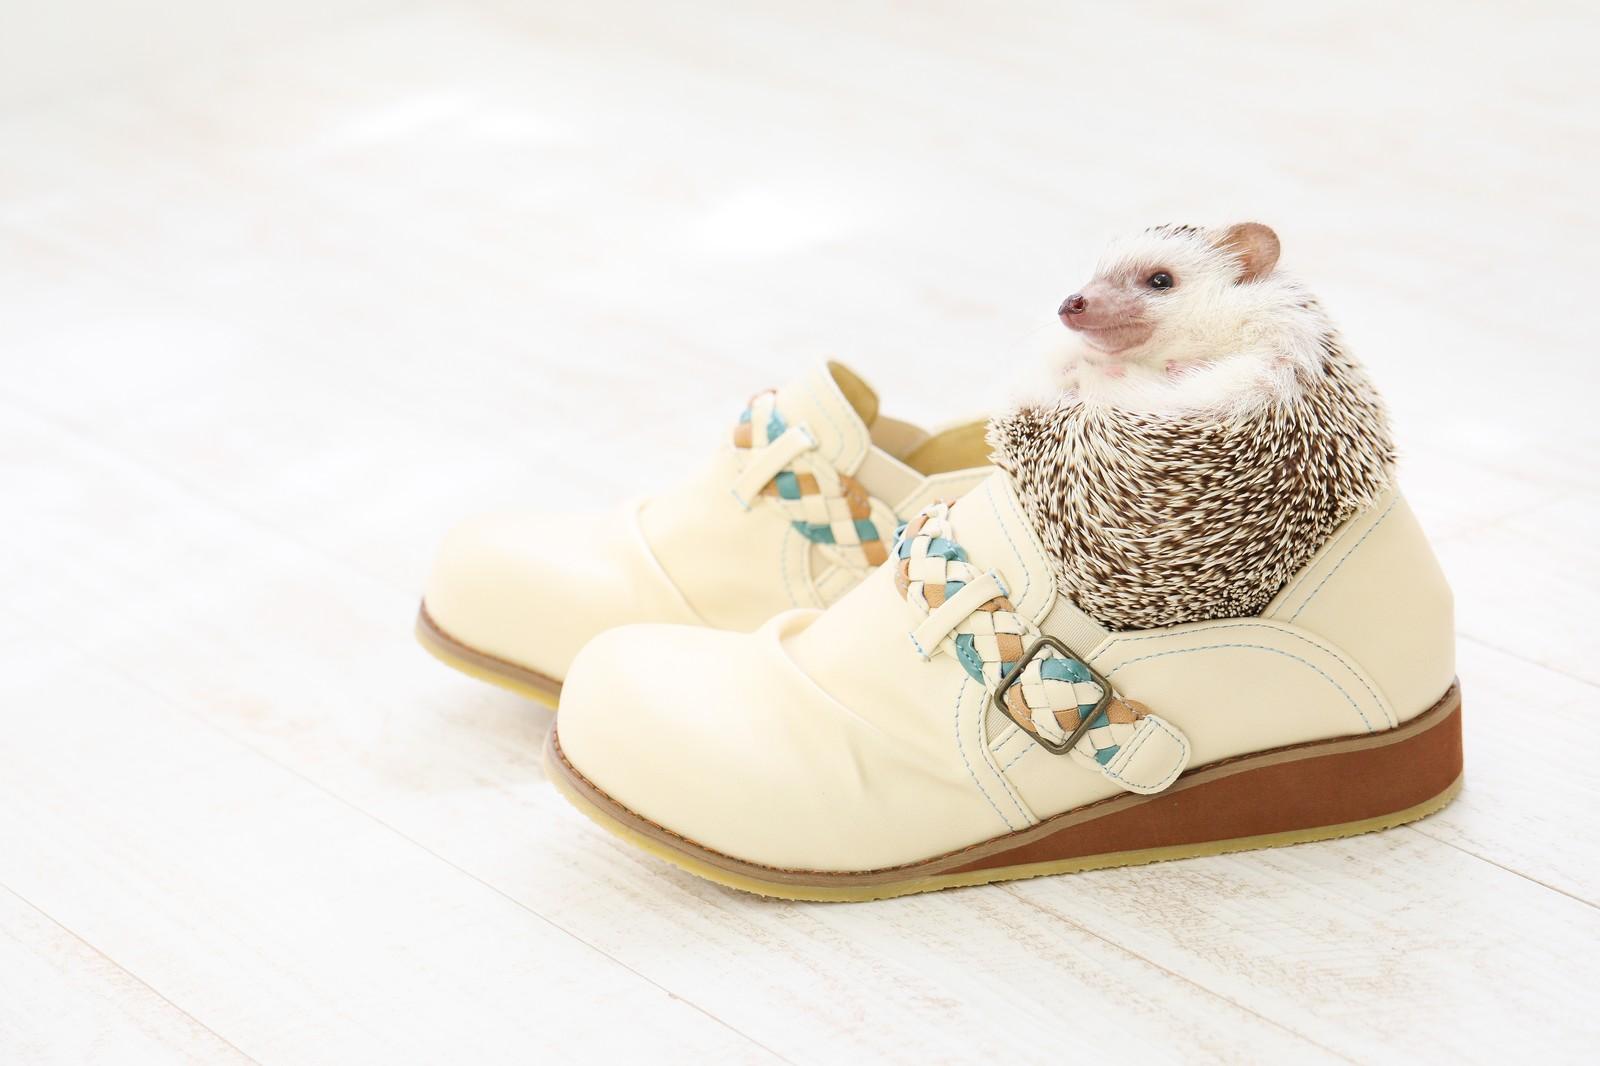 白い靴とハリネズミ